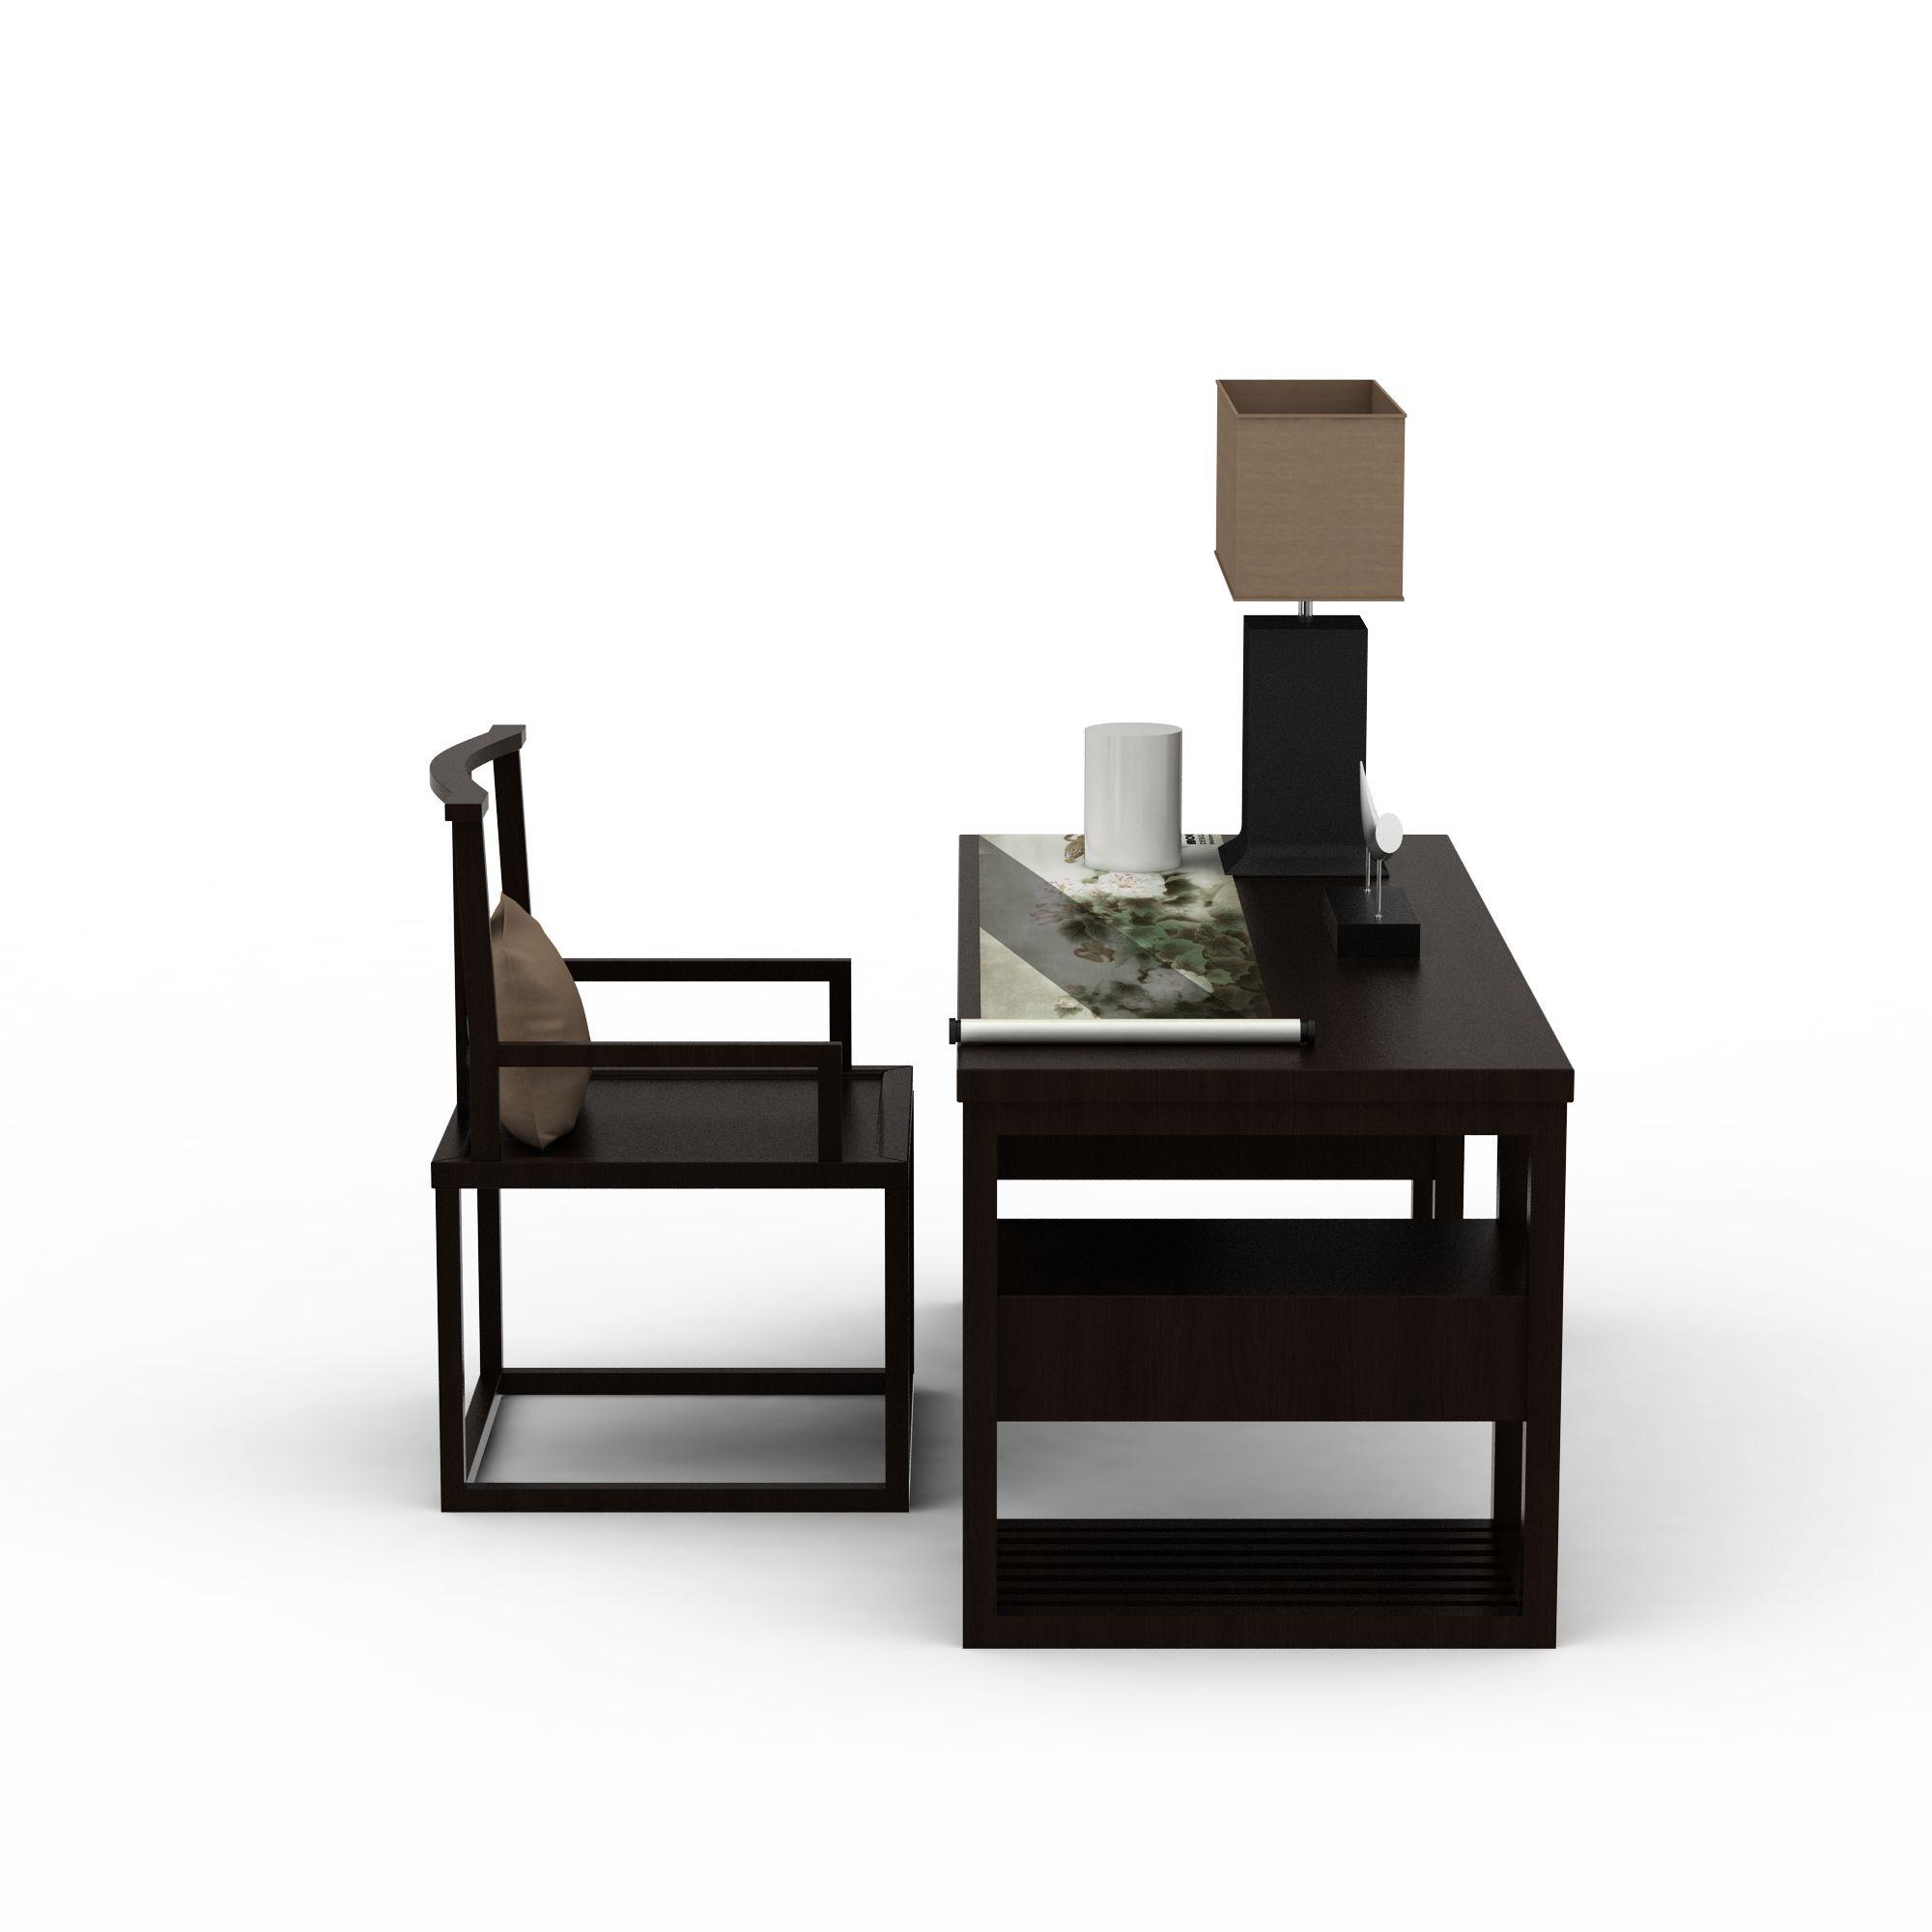 中式桌椅组合图片_中式桌椅组合png图片素材_中式桌椅图片